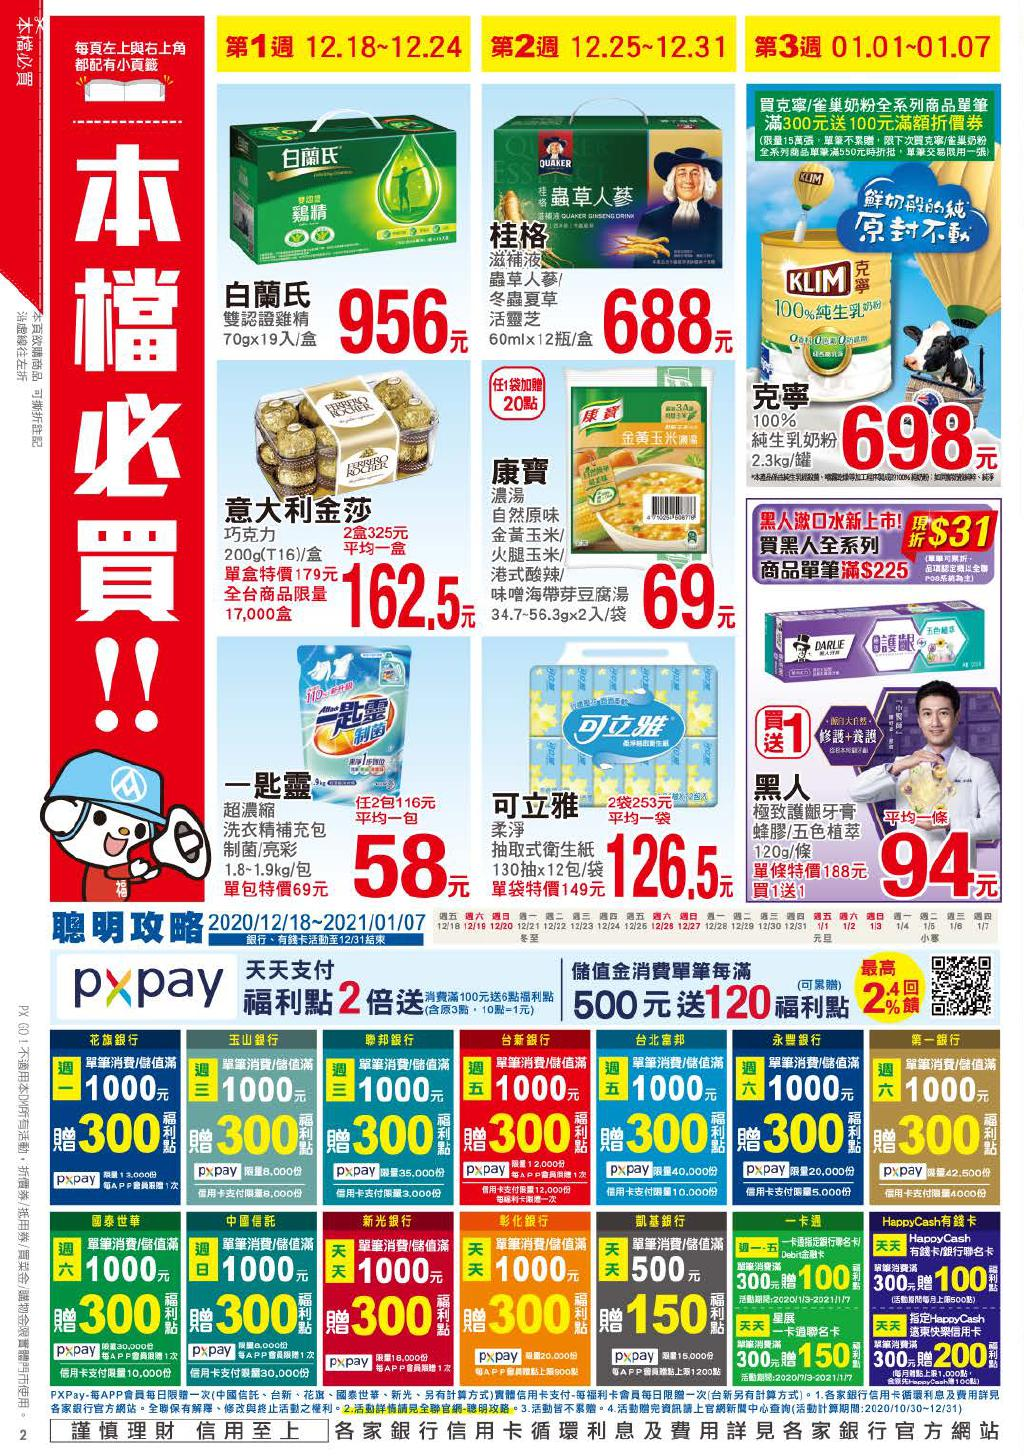 pxmart20210107_000002.jpg